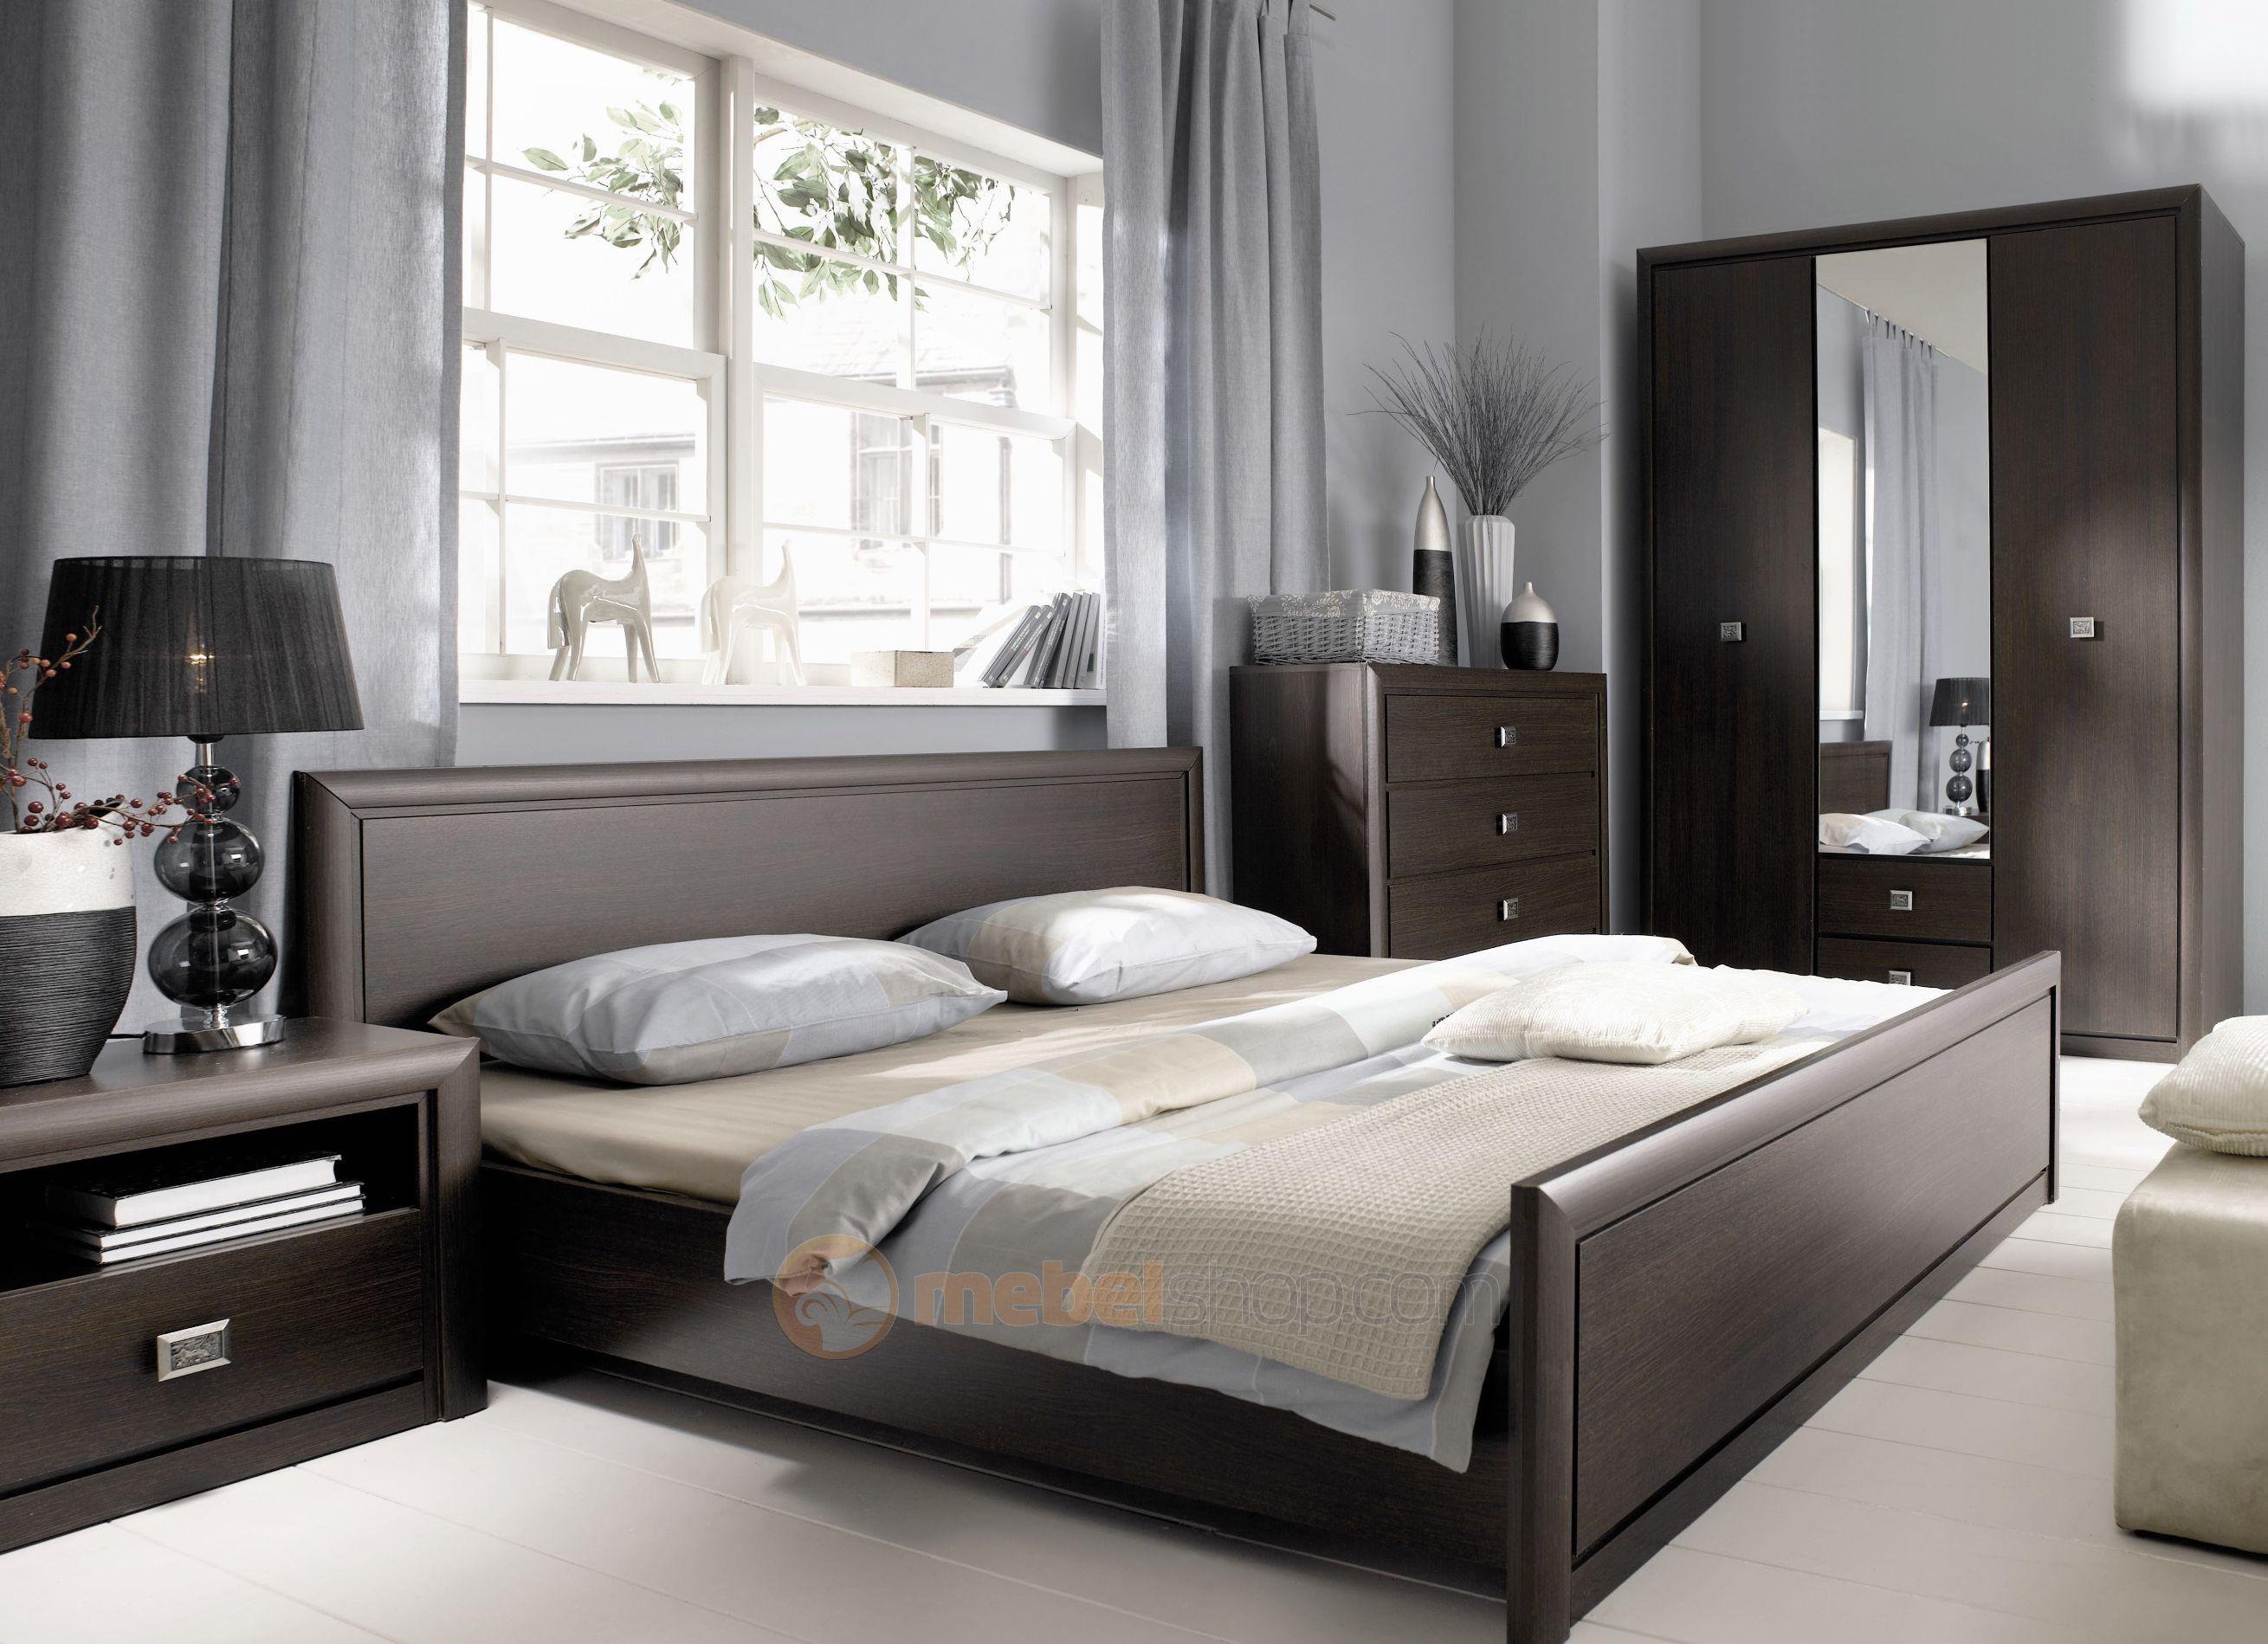 Cовременная мебель для спальни. 35 фото дизайнерских идей.